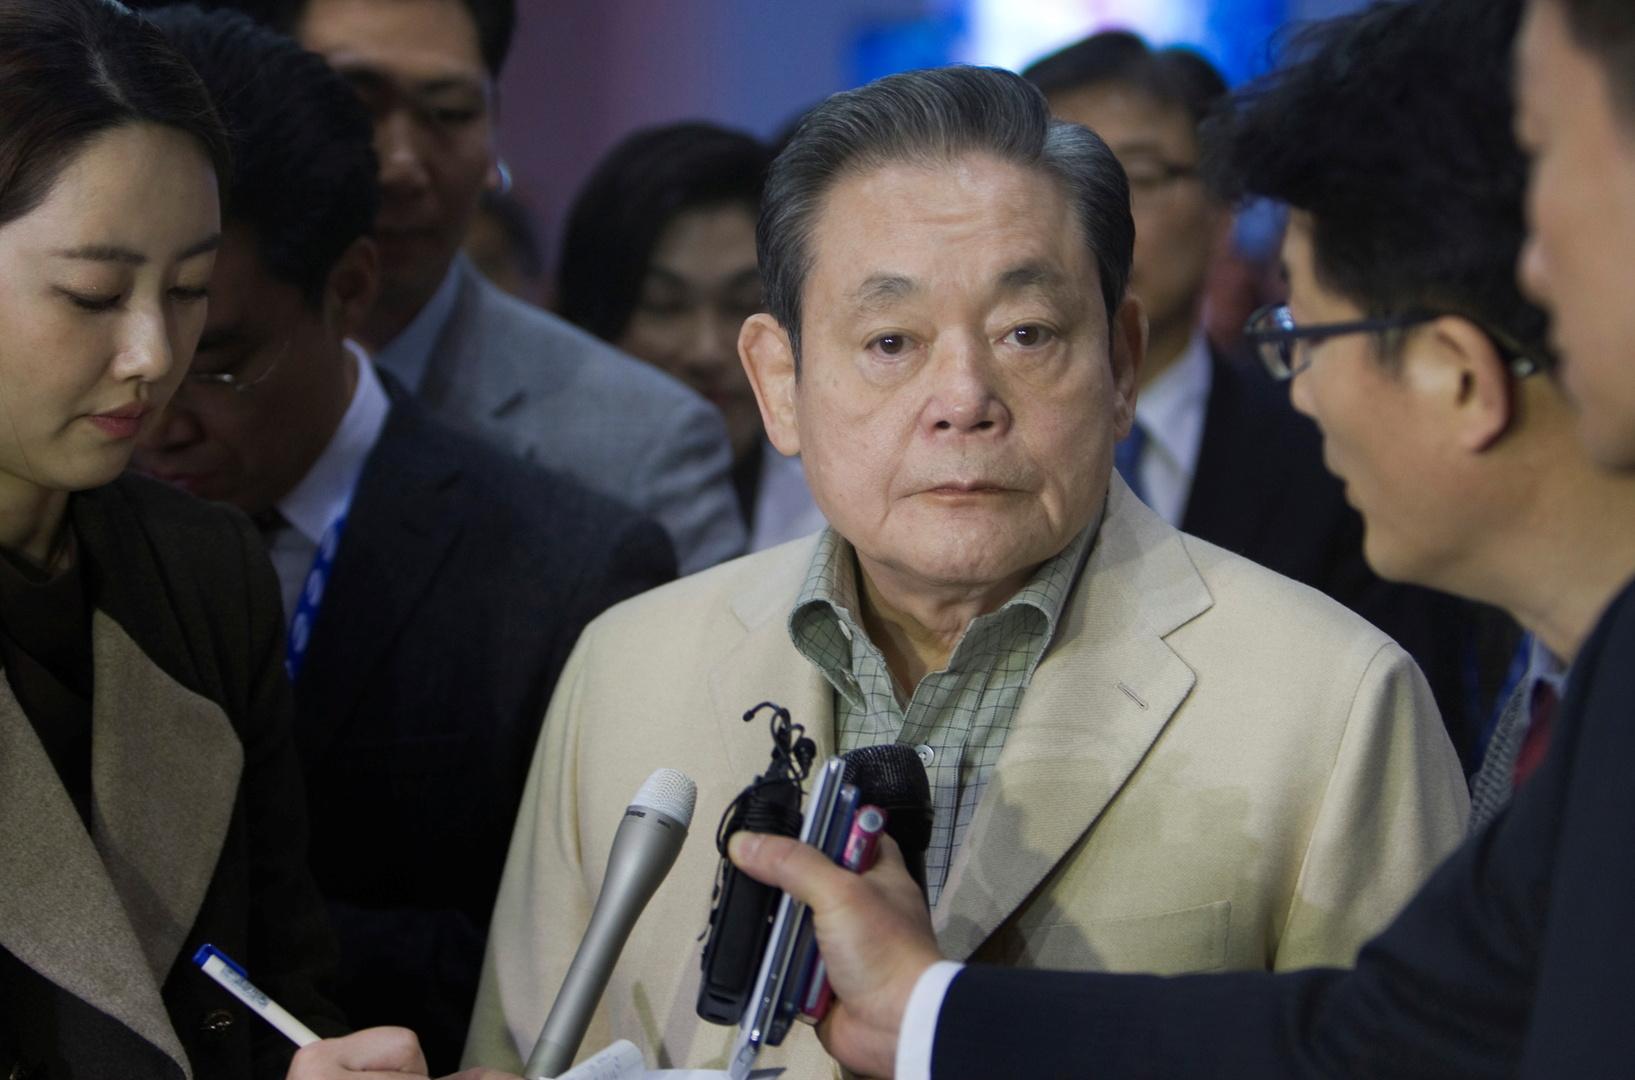 وفاة رئيس مجموعة سامسونغ